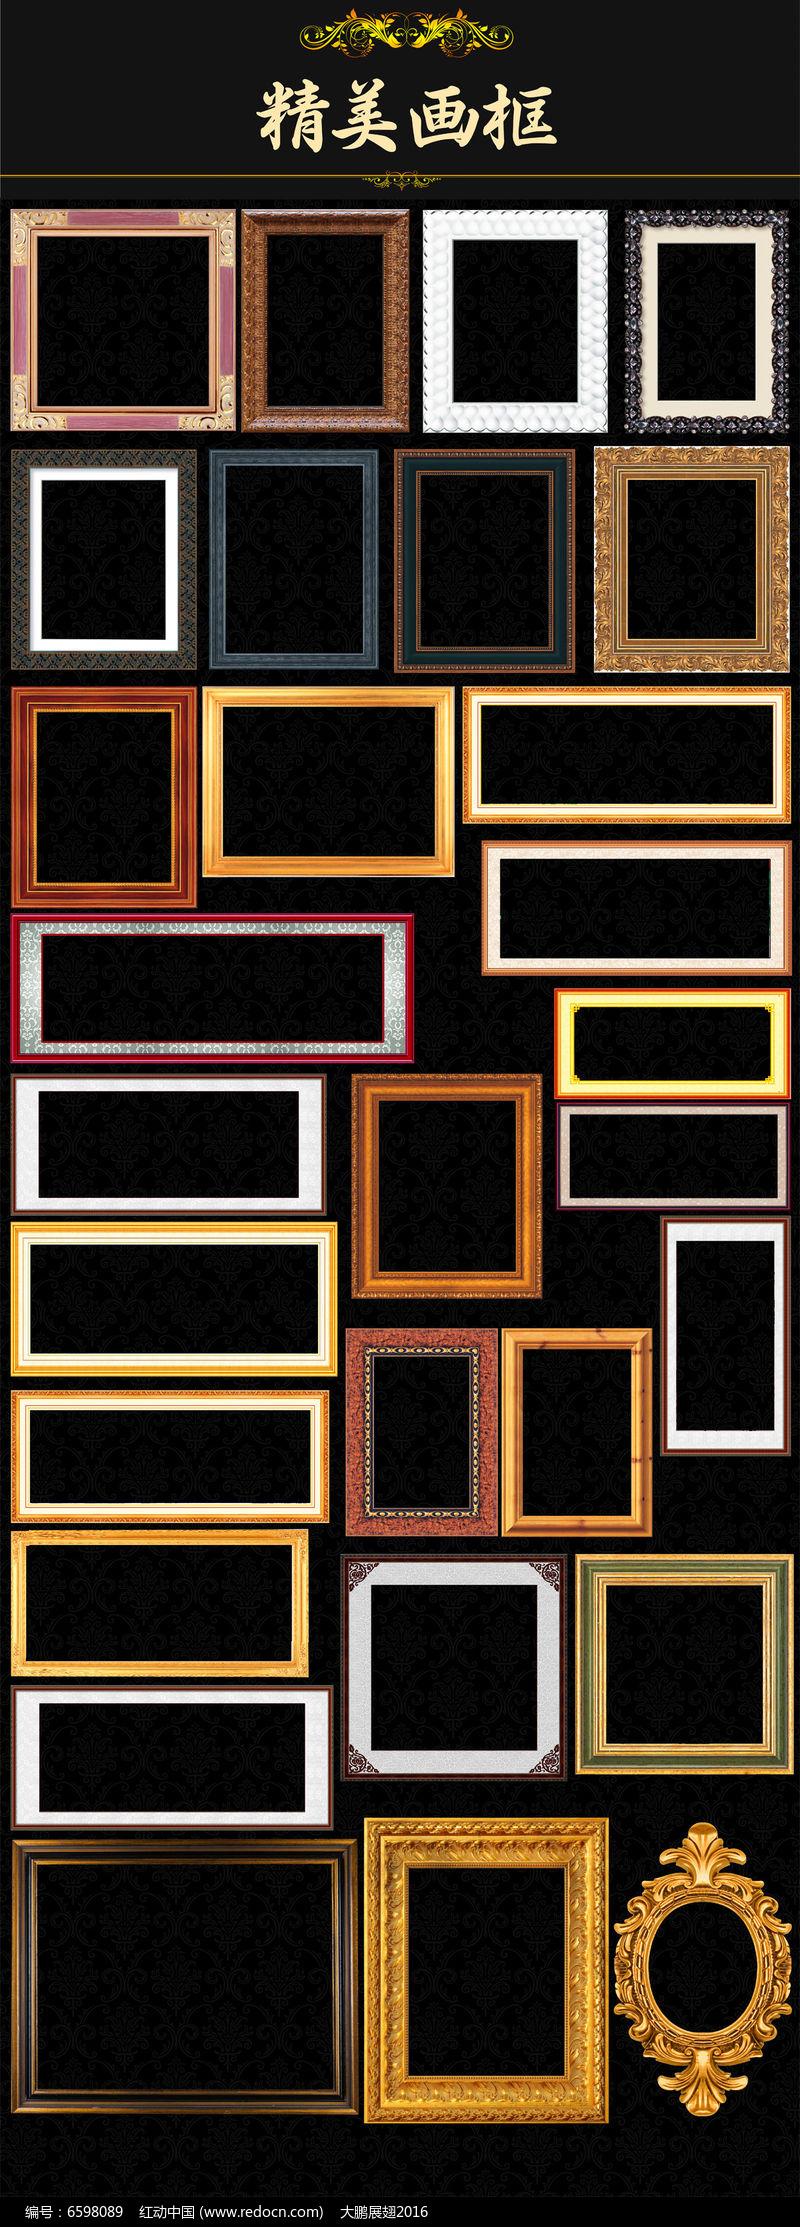 金色相框油画框照片边框模板图片